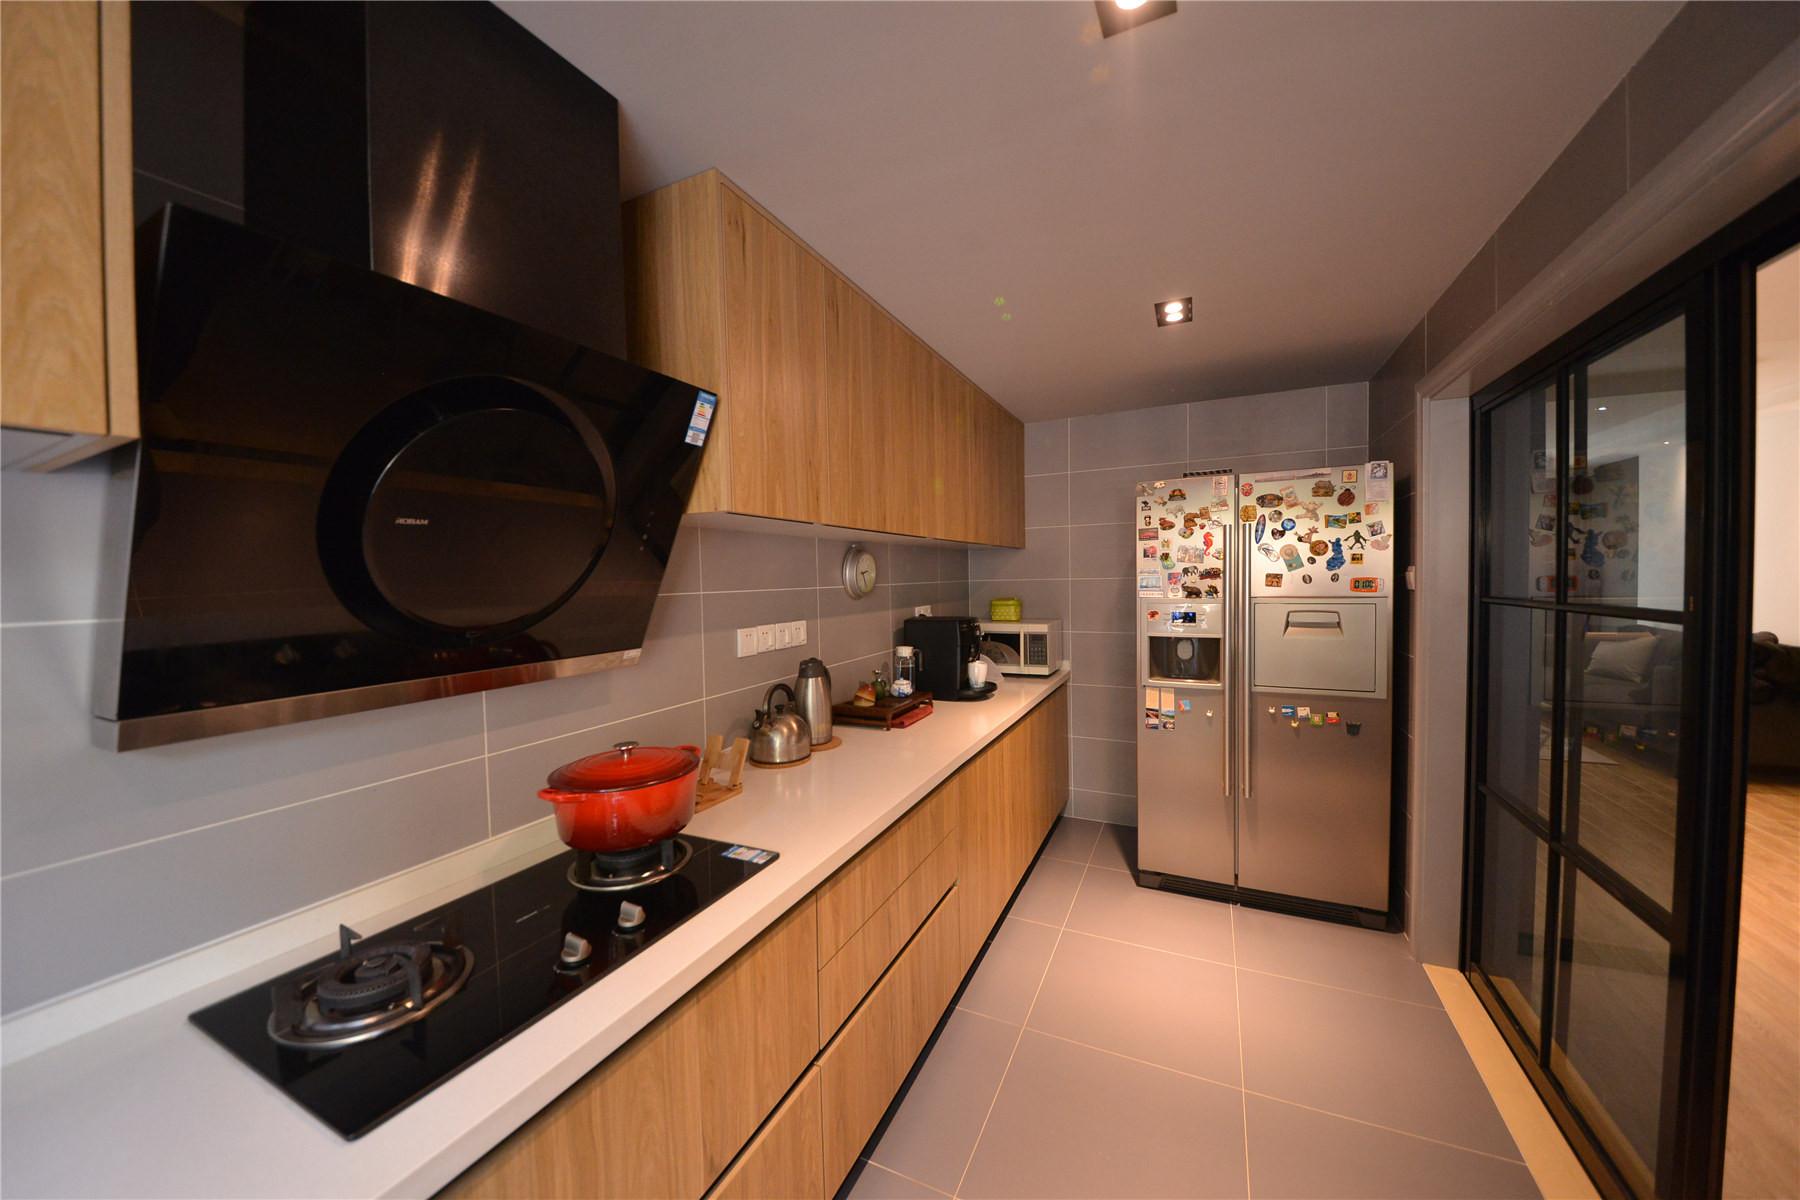 110㎡北欧风格装修厨房设计图